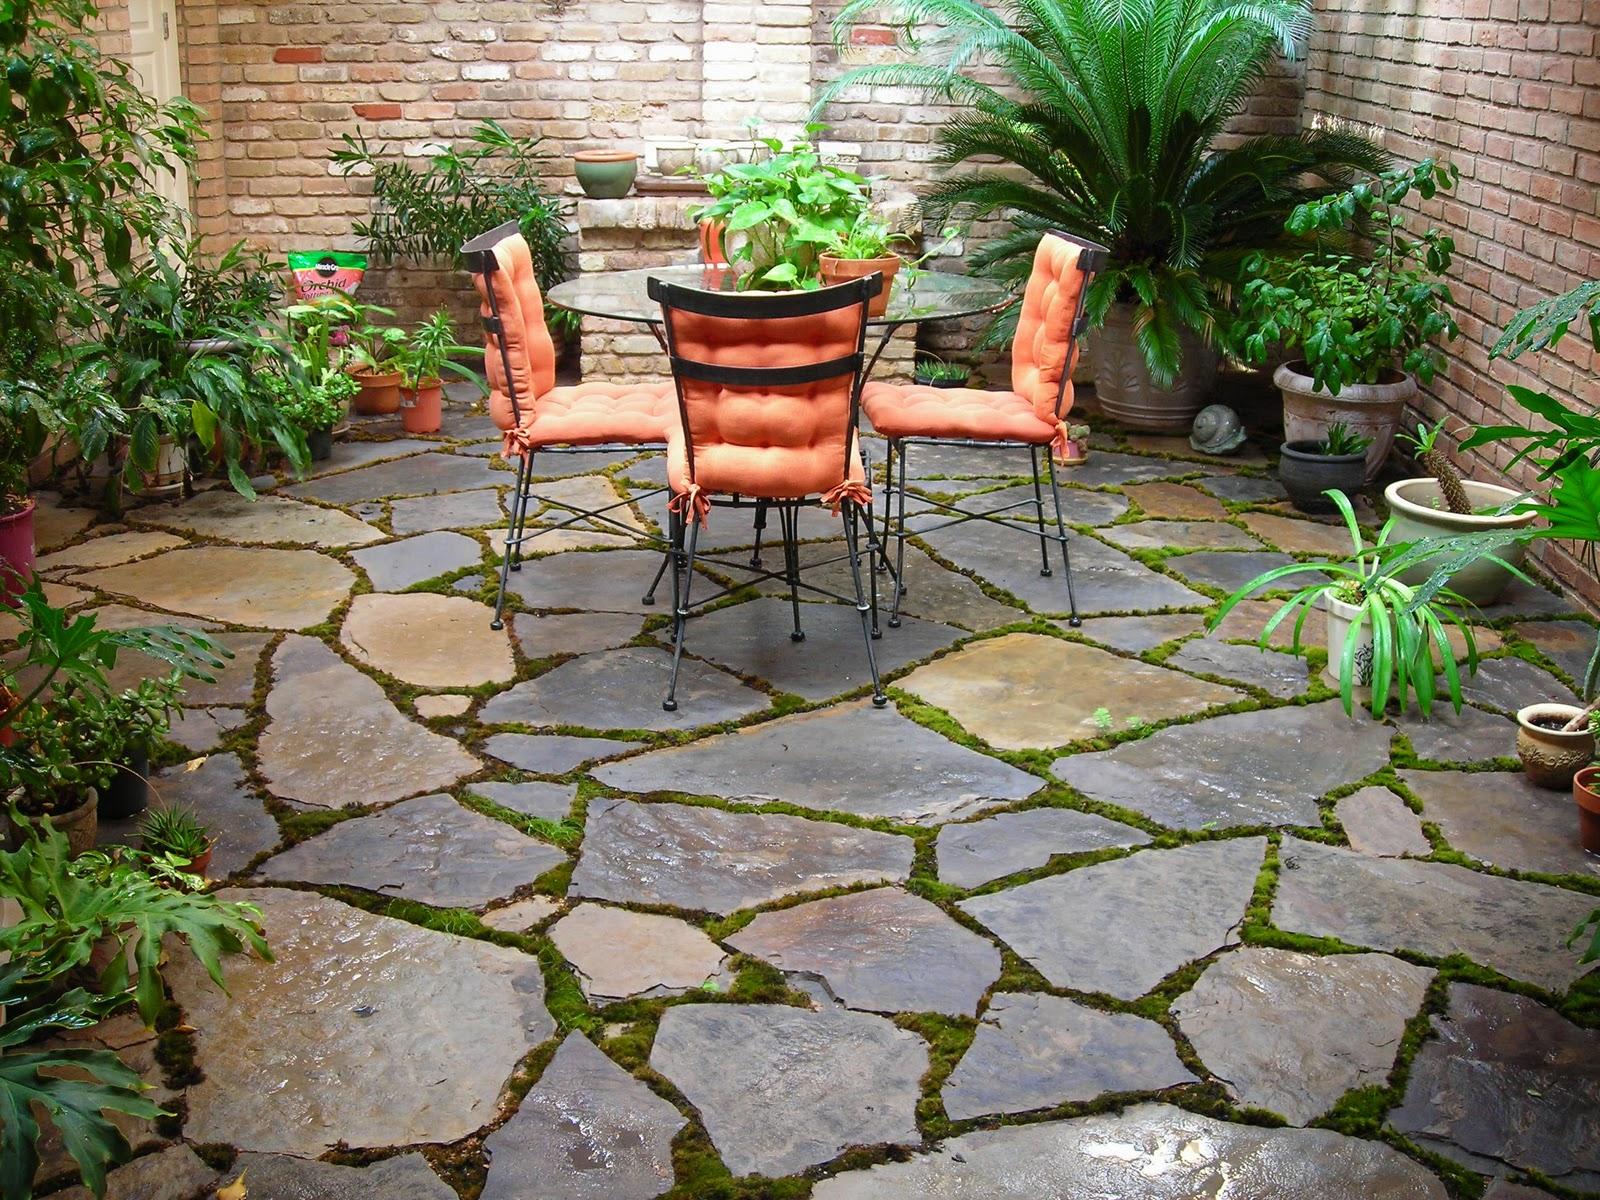 outdoor small backyard landscaping ideas with installing flagstone patio  stone backyard patio garden decor ideas WAXOXJK